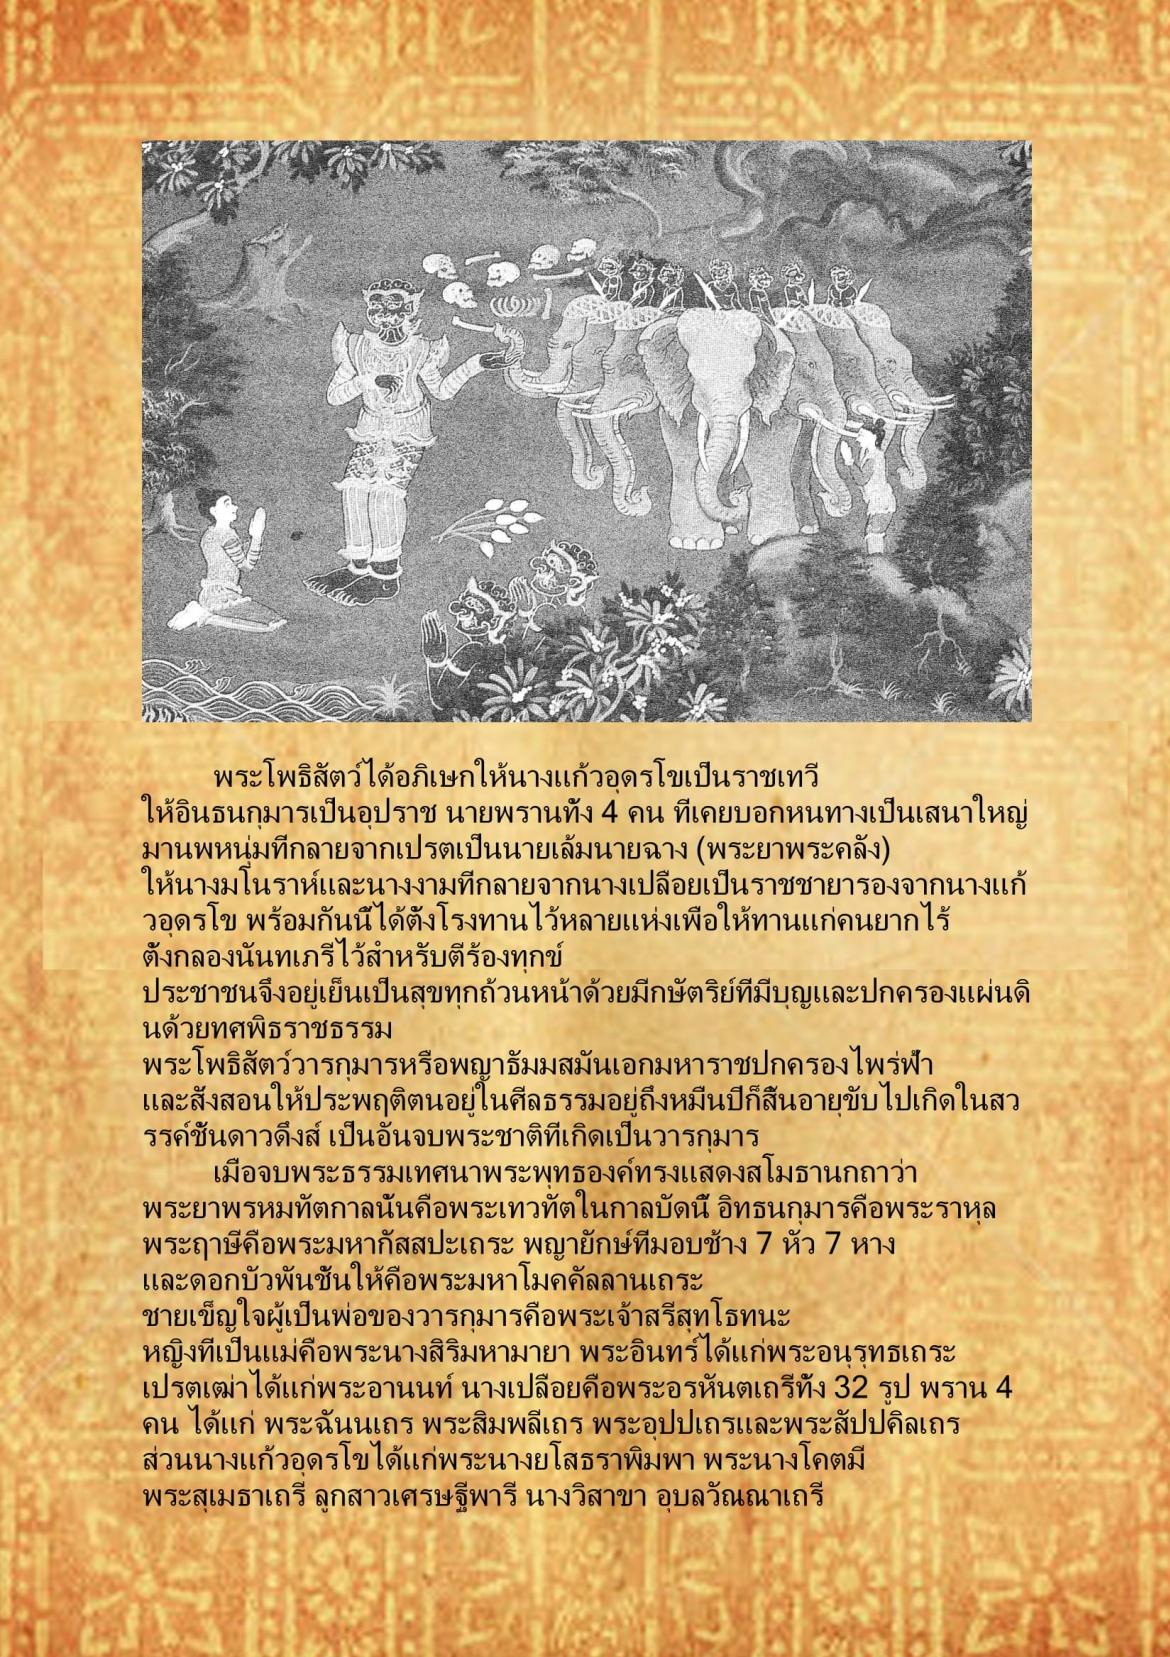 ช้างเจ็ดหัวเจ็ดหาง (5) - 11  มกราคม  2559